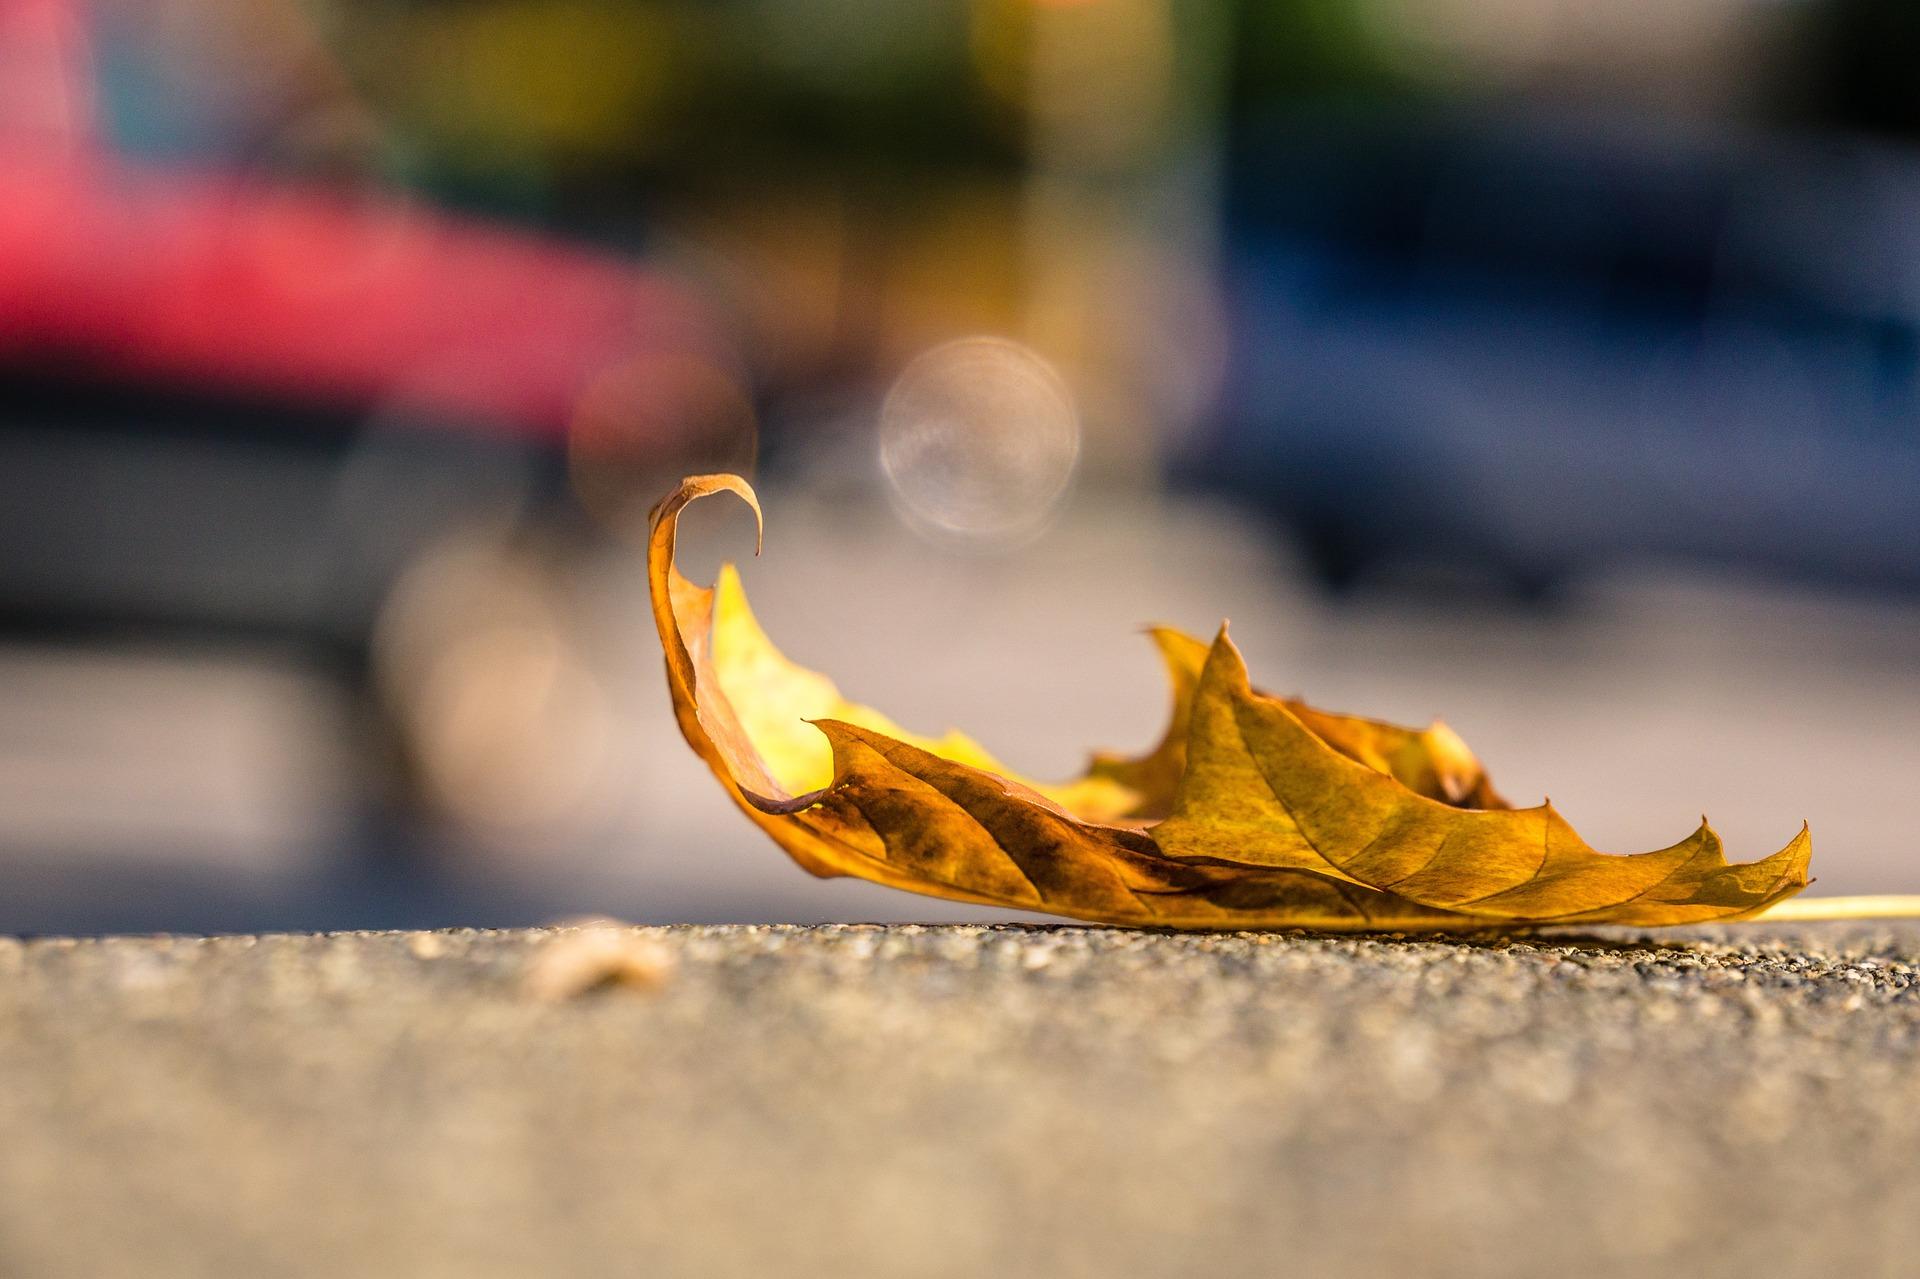 leaf-1082118_1920